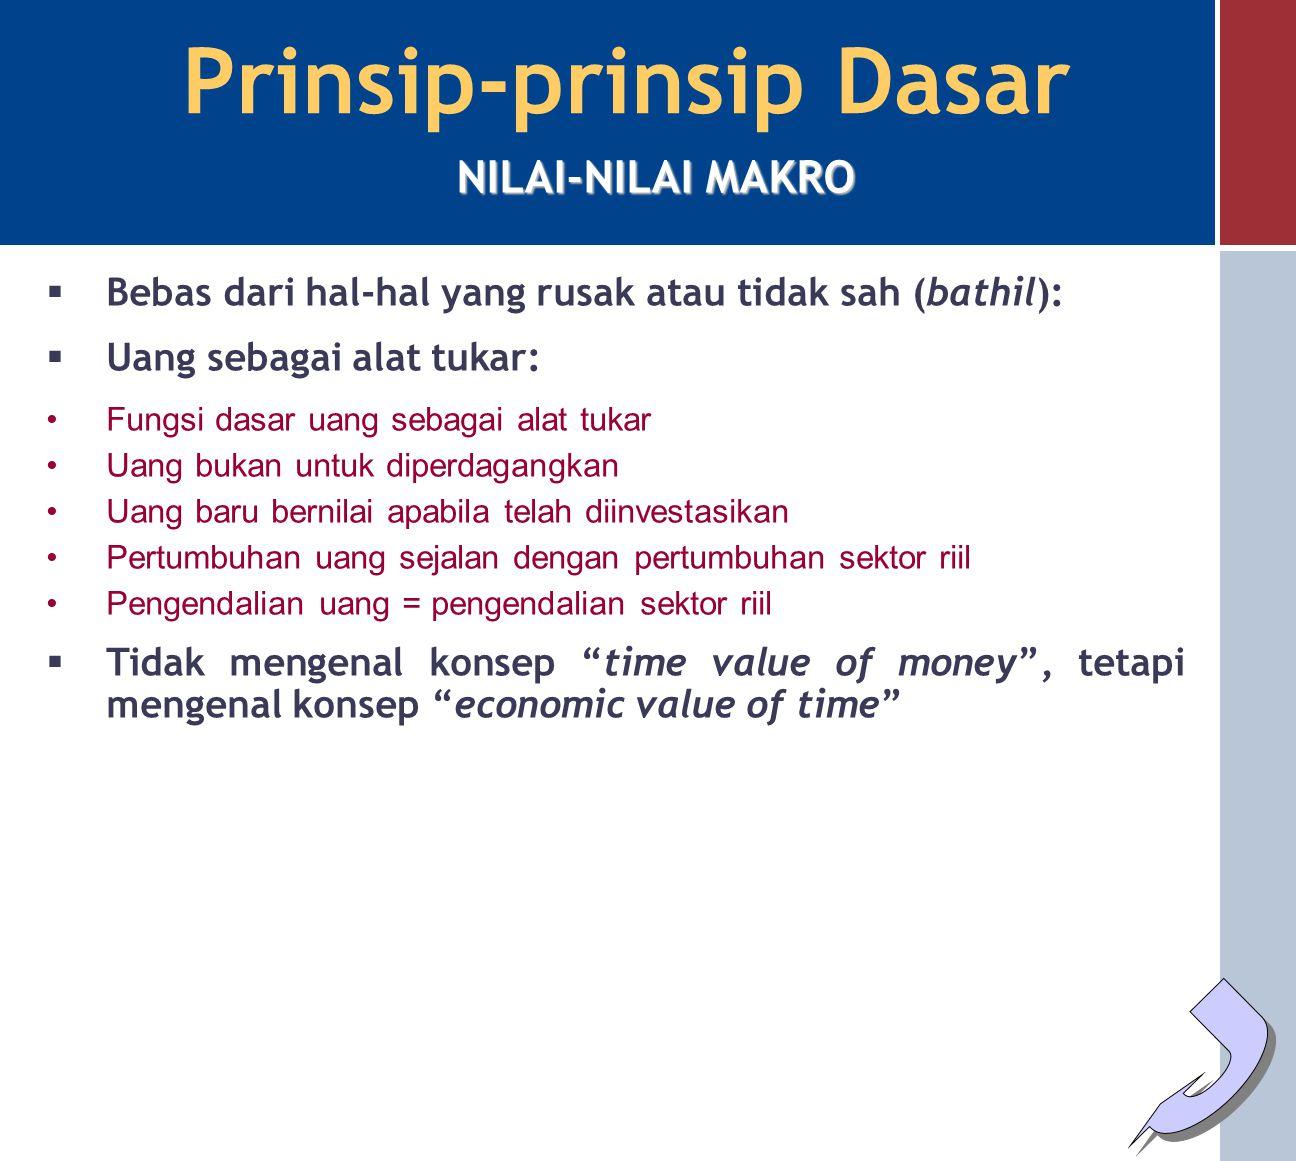 Pelarangan Maysir dalam Perspektif Ekonomi Larangan penimbunan barang (hadis) dikarenakan ber- dampak pada berkurangnya agregat supply barang & jasa.